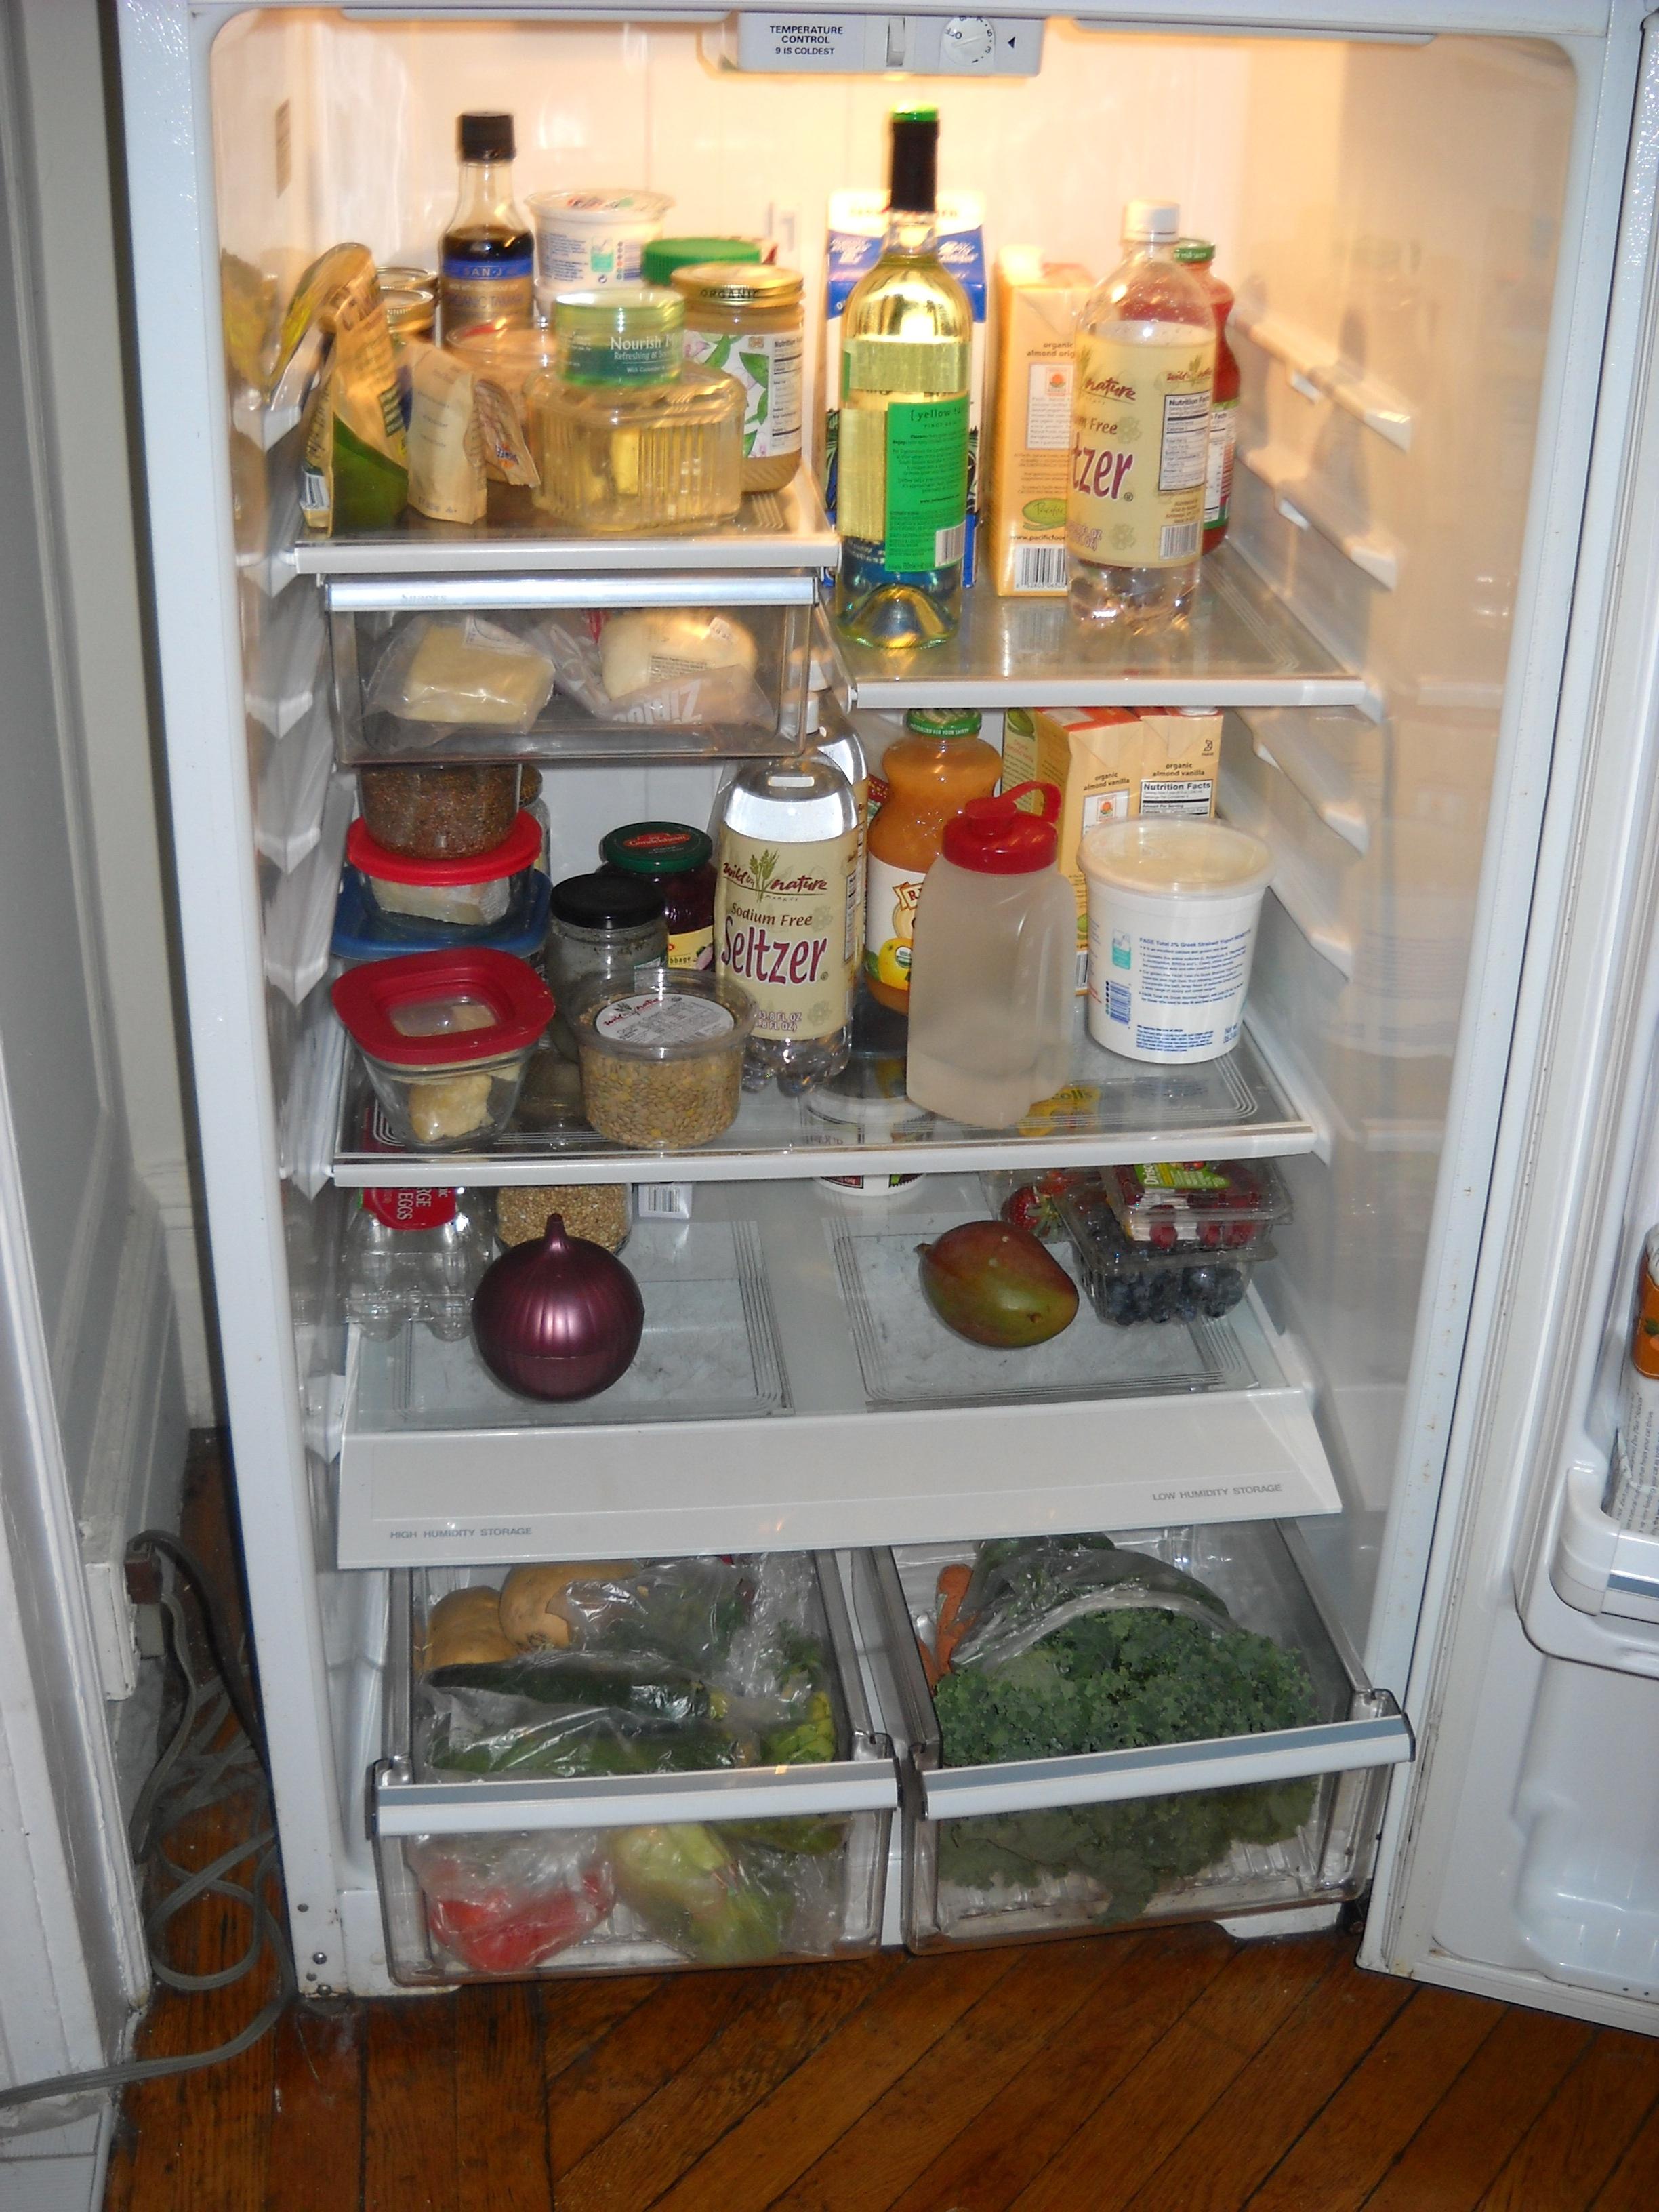 An open, well stocked fridge